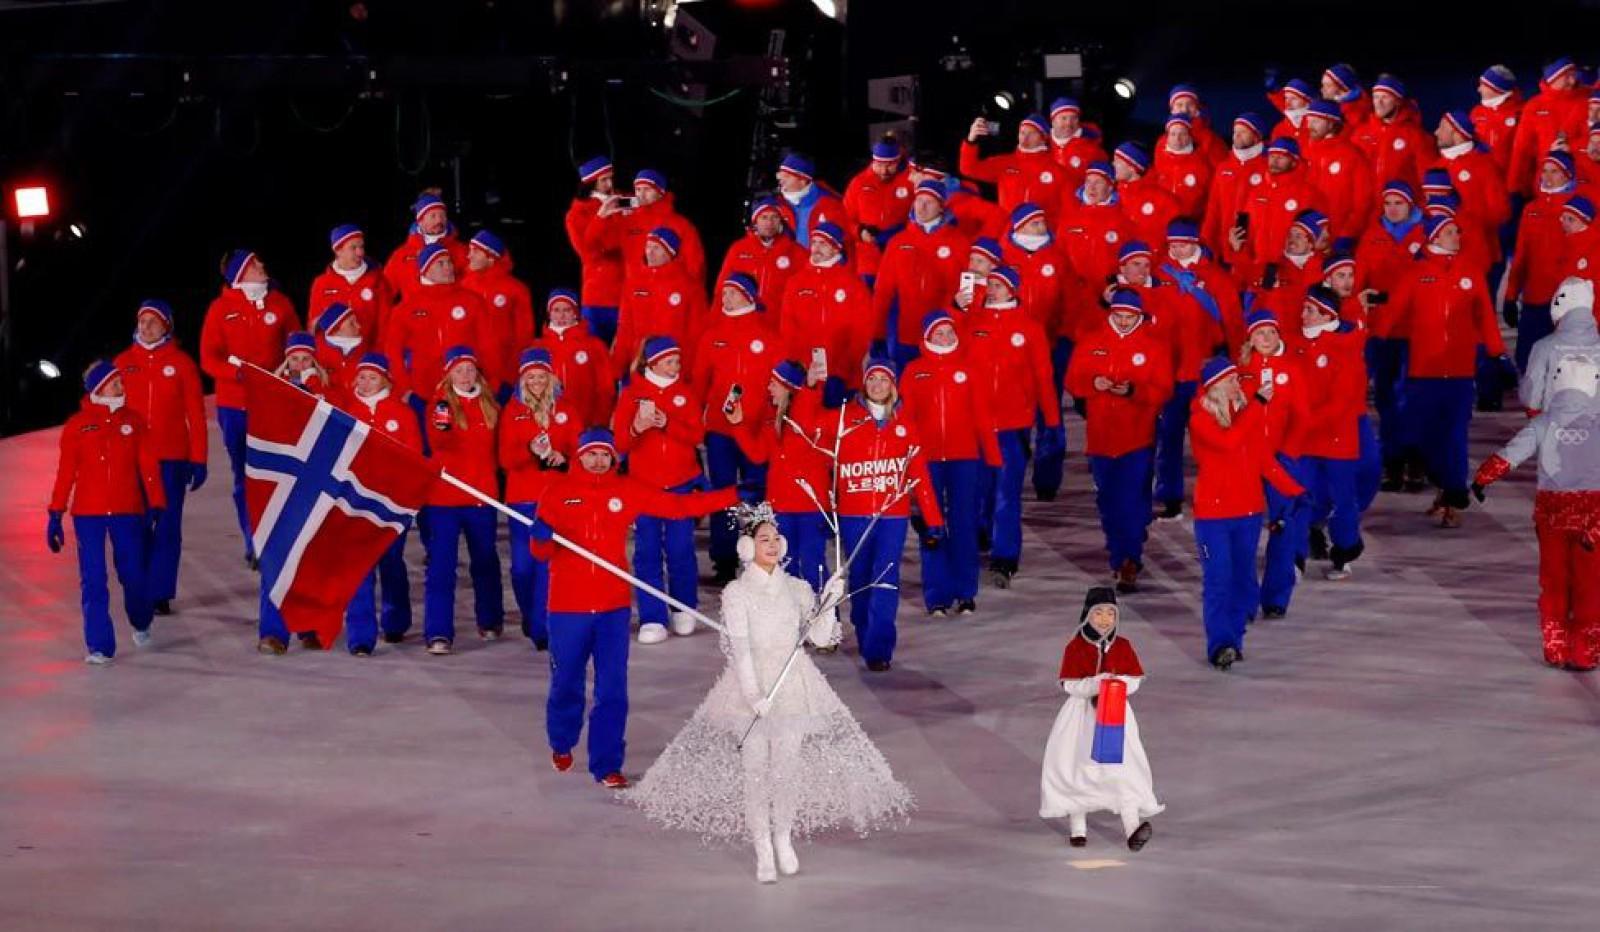 Norvegia, liderul Olimpiadei după numărul de medalii obținute: 14 dintre acestea sunt de aur